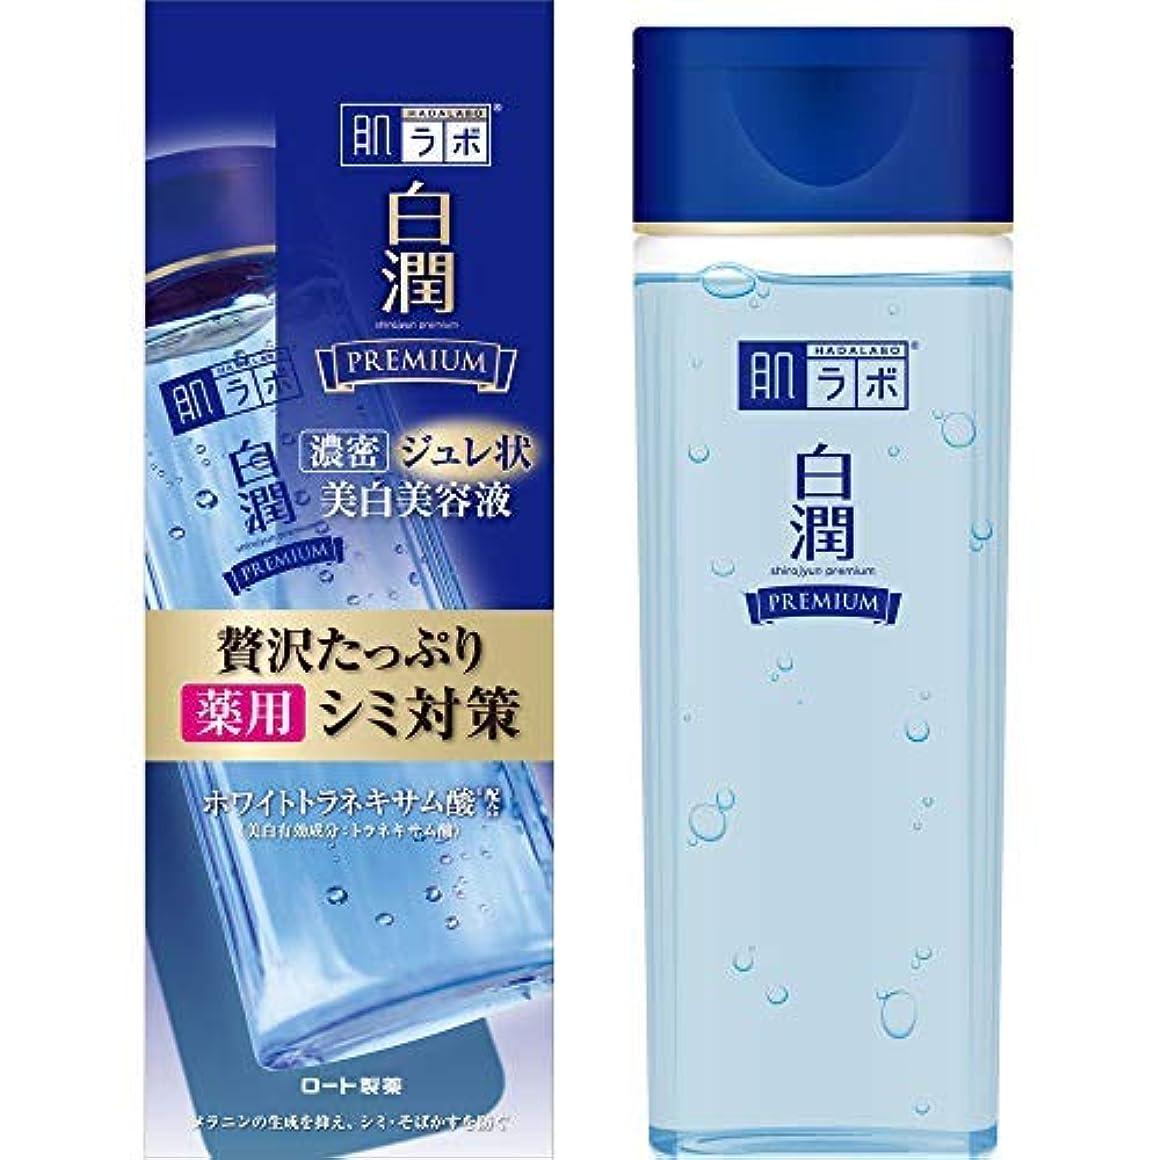 違反告白熱肌ラボ 白潤プレミアム 薬用ジュレ状美白美容液 × 4個セット